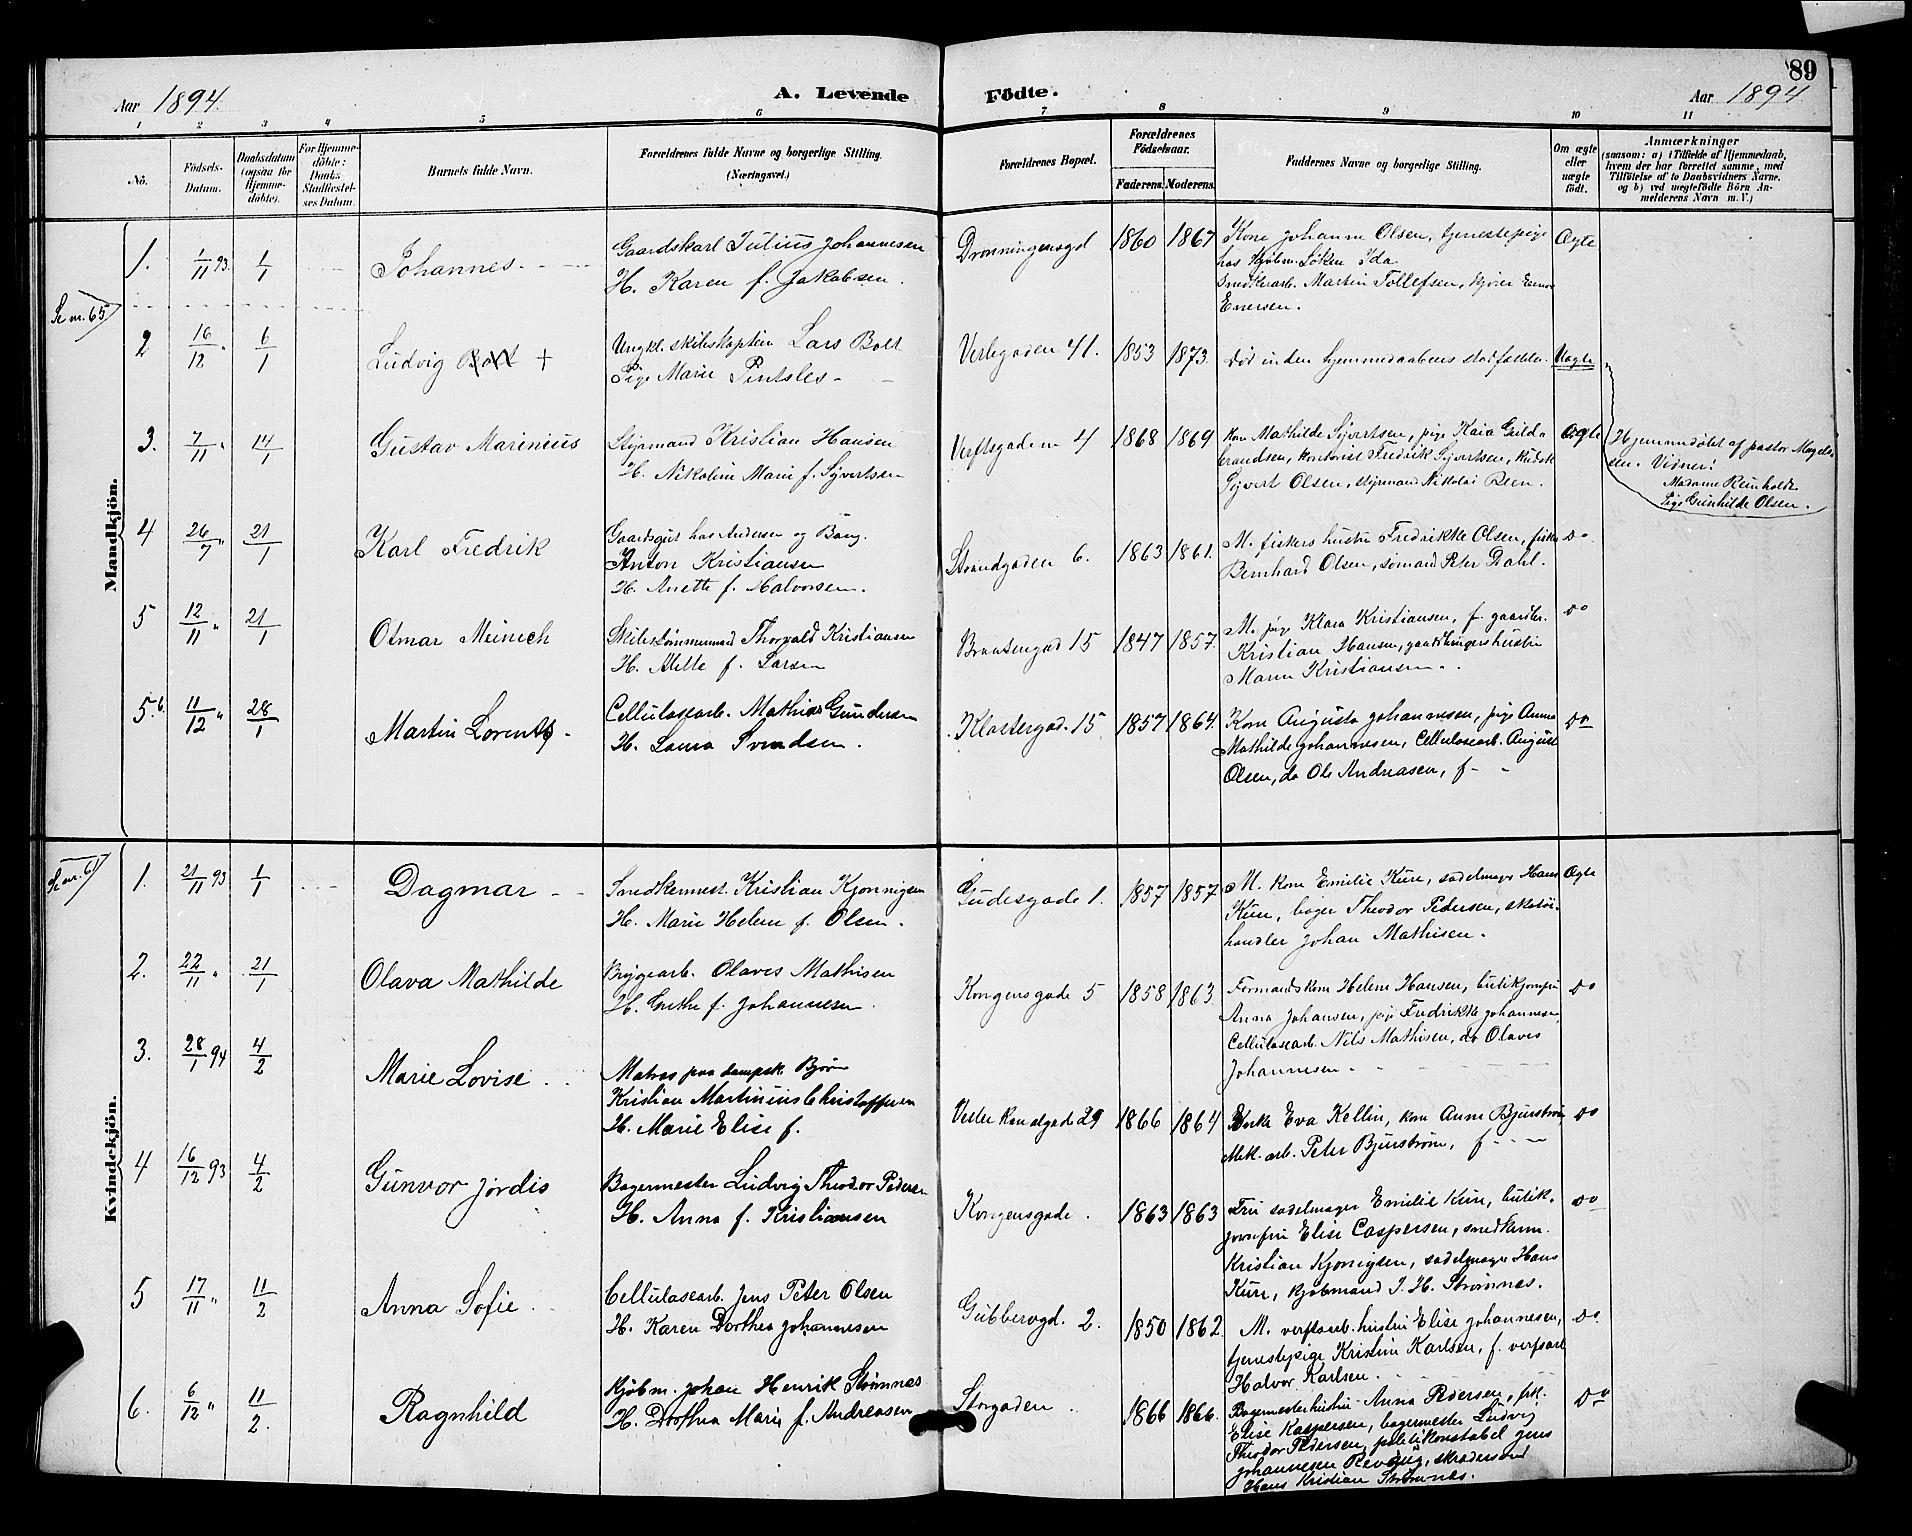 SAO, Moss prestekontor Kirkebøker, G/Ga/L0006: Klokkerbok nr. I 6, 1889-1900, s. 89